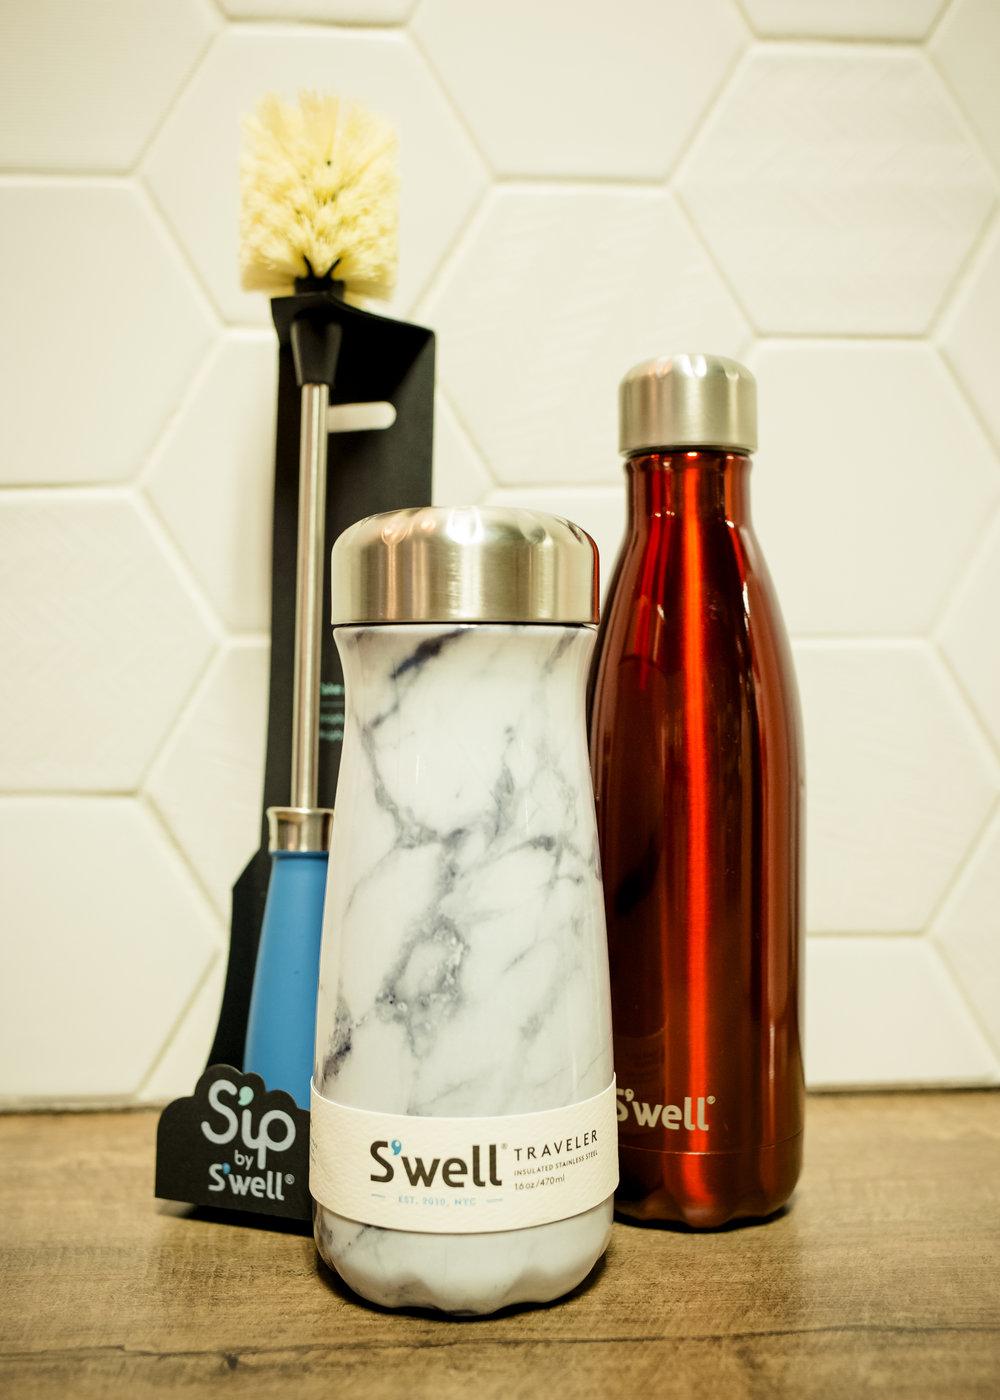 S'Well Traveler $35, S'Well bottle $35, Sip by S'Well Bottle Cleaner $20